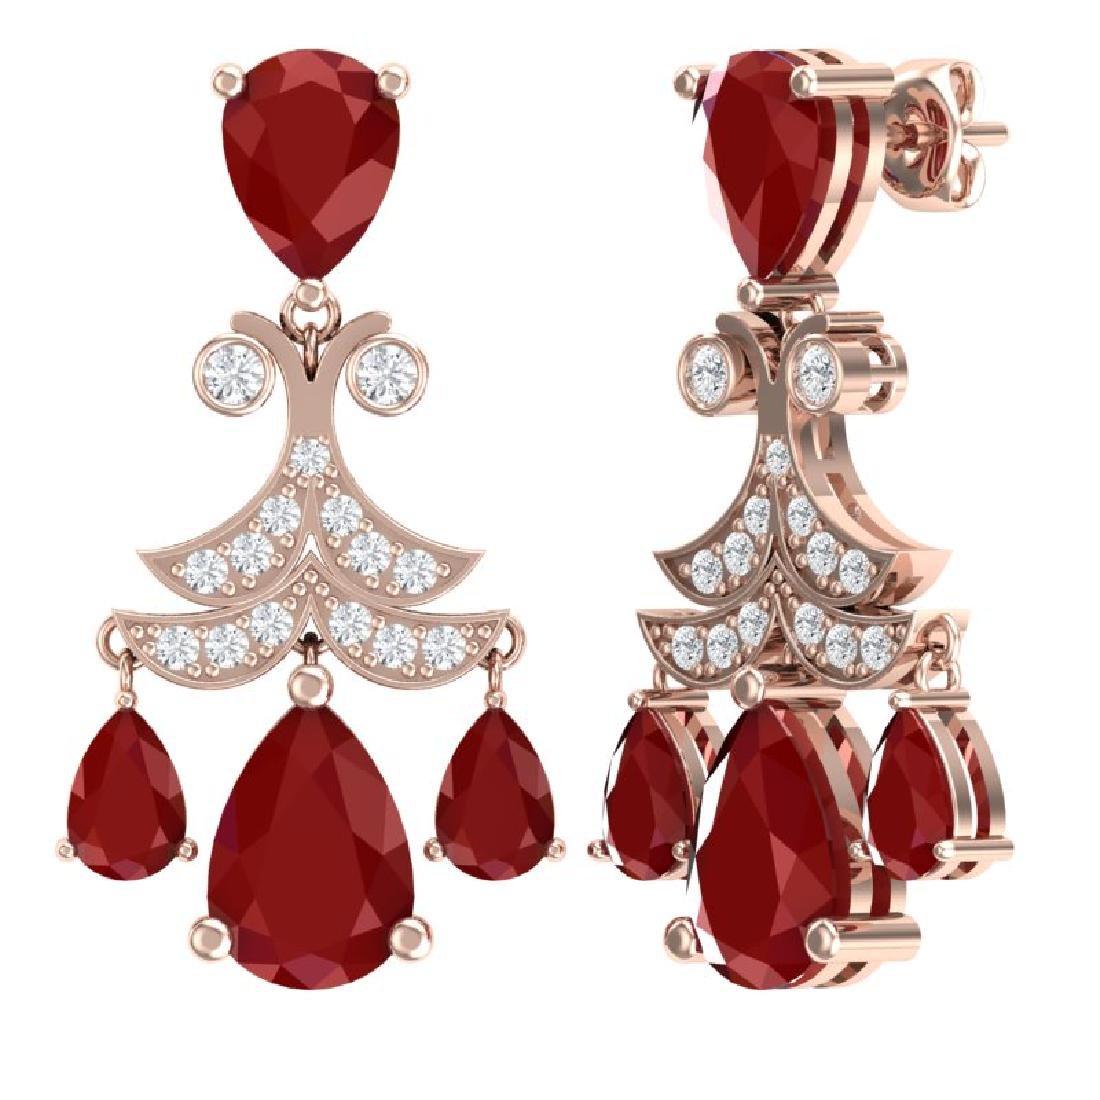 11.97 CTW Royalty Designer Ruby & VS Diamond Earrings - 3